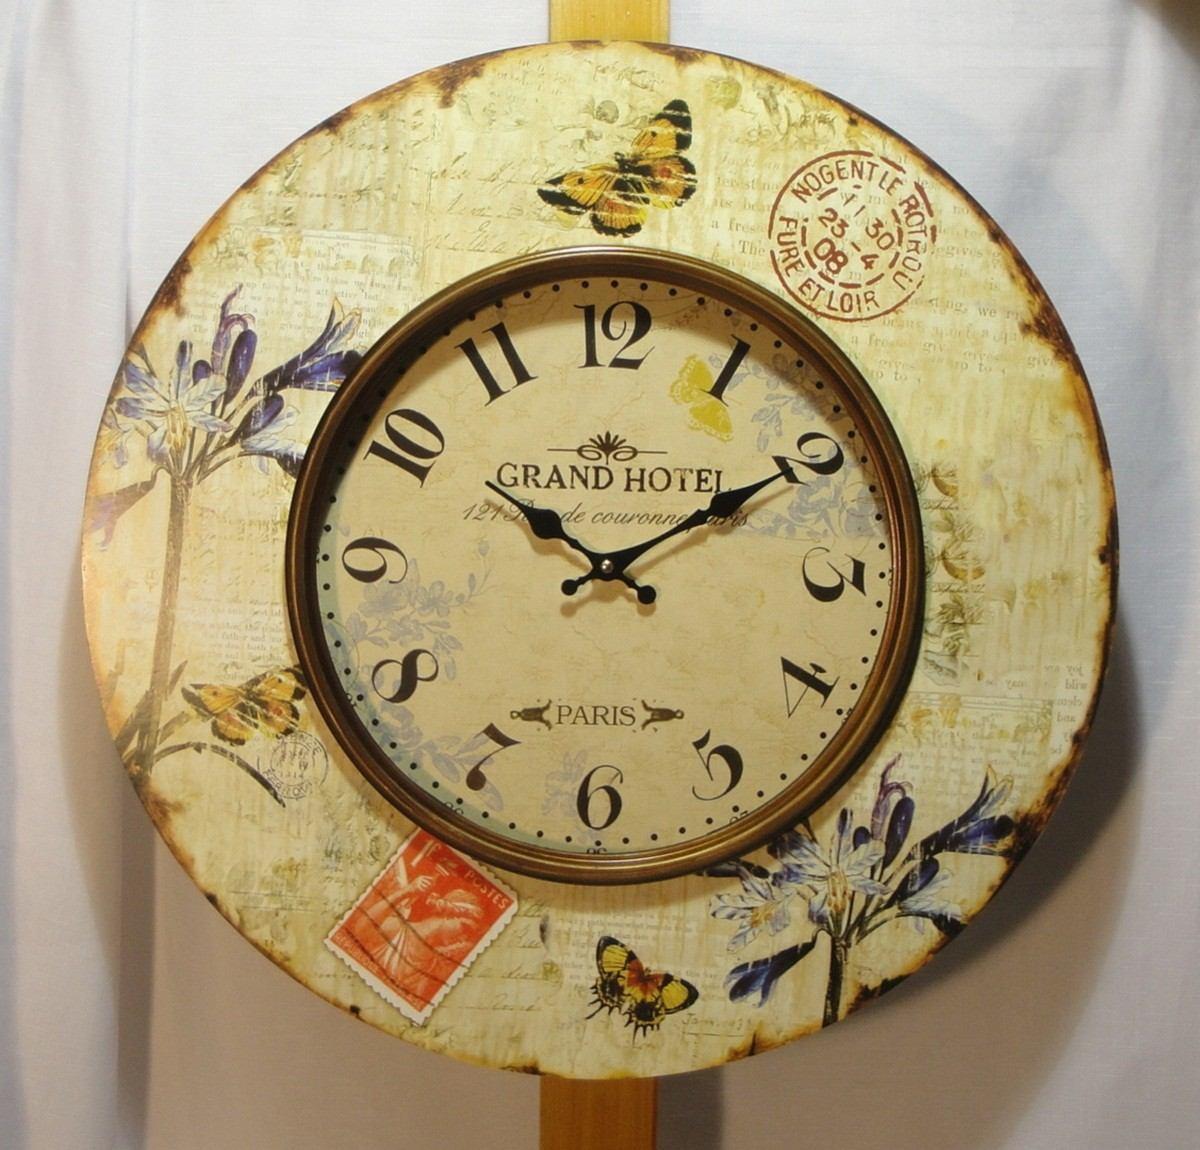 Reloj Pared Estilo Vintage 59 Cm Cuadrante C Vidrio Frontal  ~ Relojes Grandes De Pared Vintage